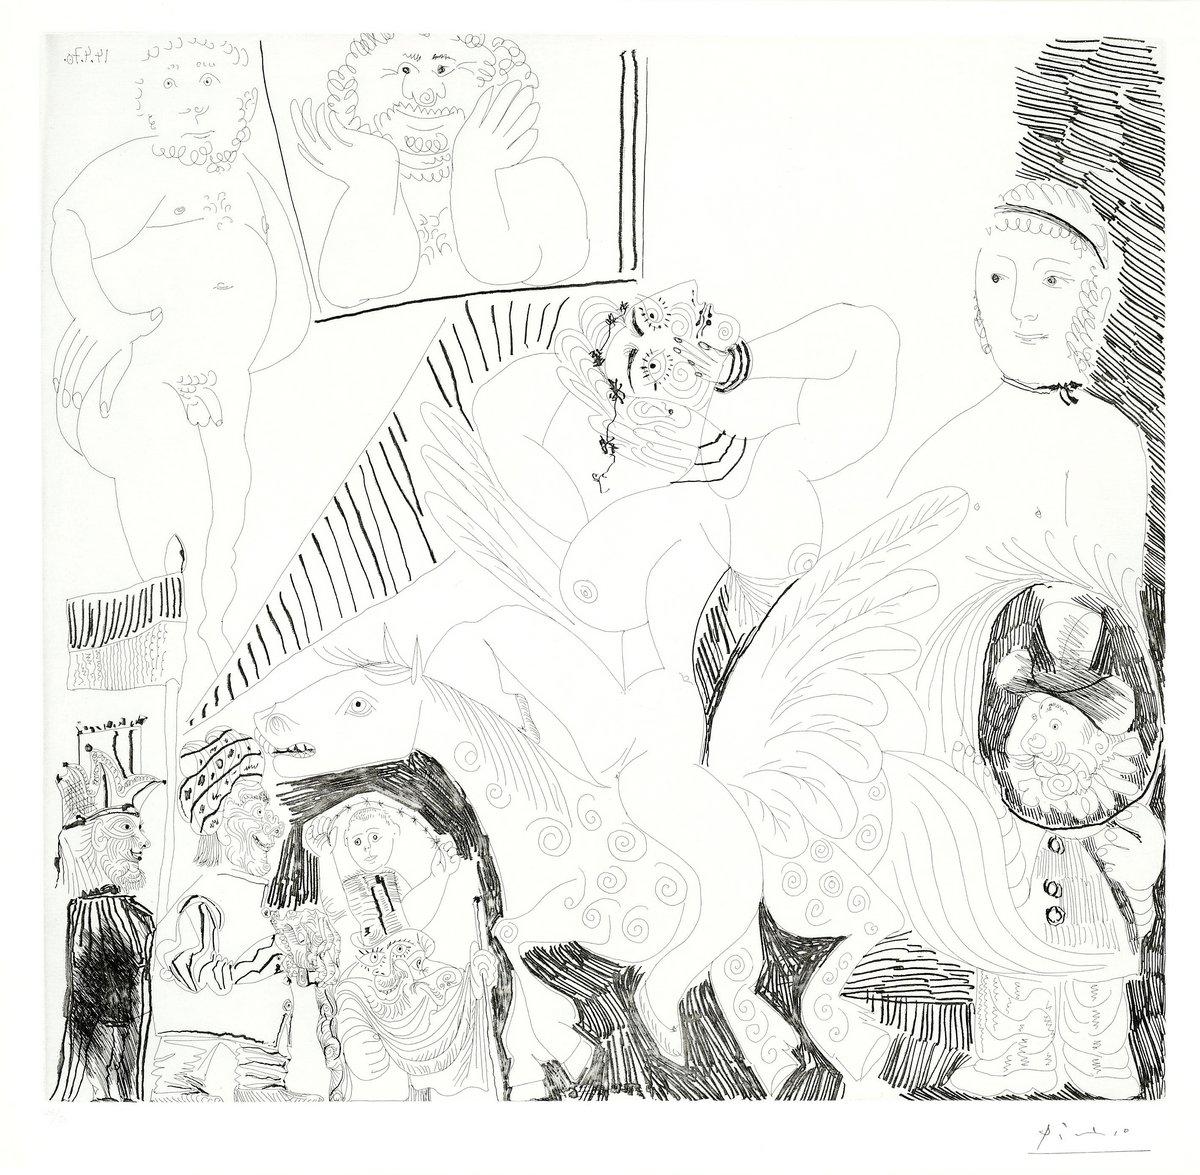 Цирк в живописи и графике, картина Пикассо Пабло «Арена цирка, крылатый конь»Цирк в живописи и графике<br>Репродукция на холсте или бумаге. Любого нужного вам размера. В раме или без. Подвес в комплекте. Трехслойная надежная упаковка. Доставим в любую точку России. Вам осталось только повесить картину на стену!<br>